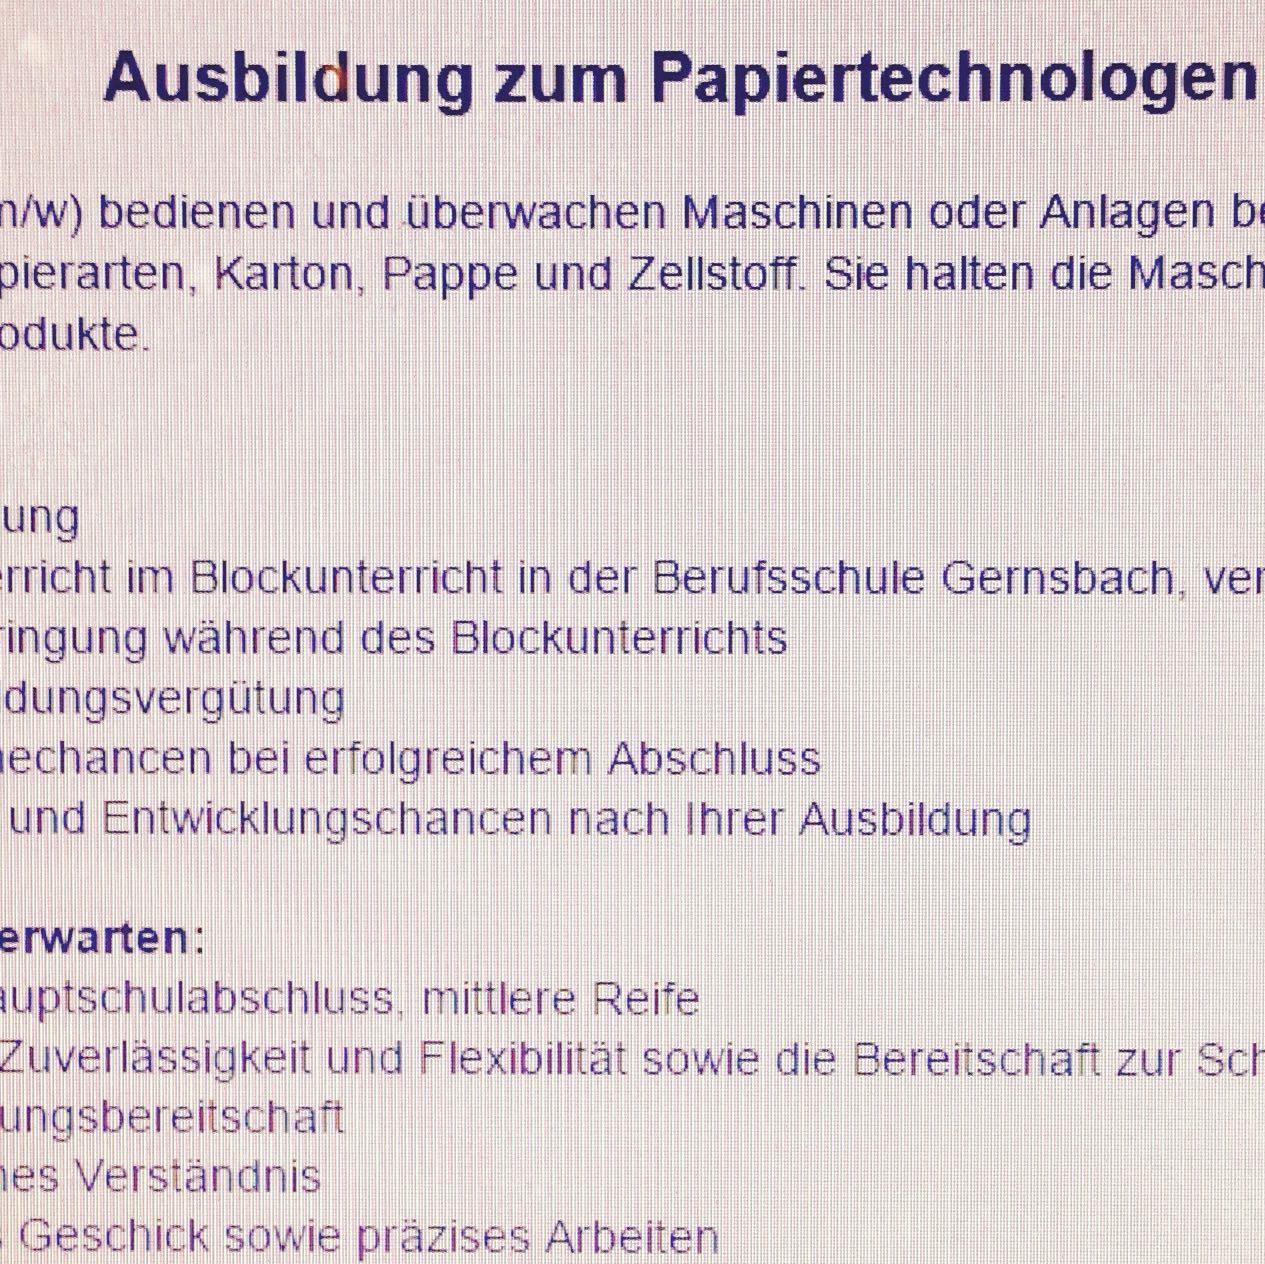 Bewerbung zum papiertechnologe ausbildung muster for Ausbildung zum innendekorateur